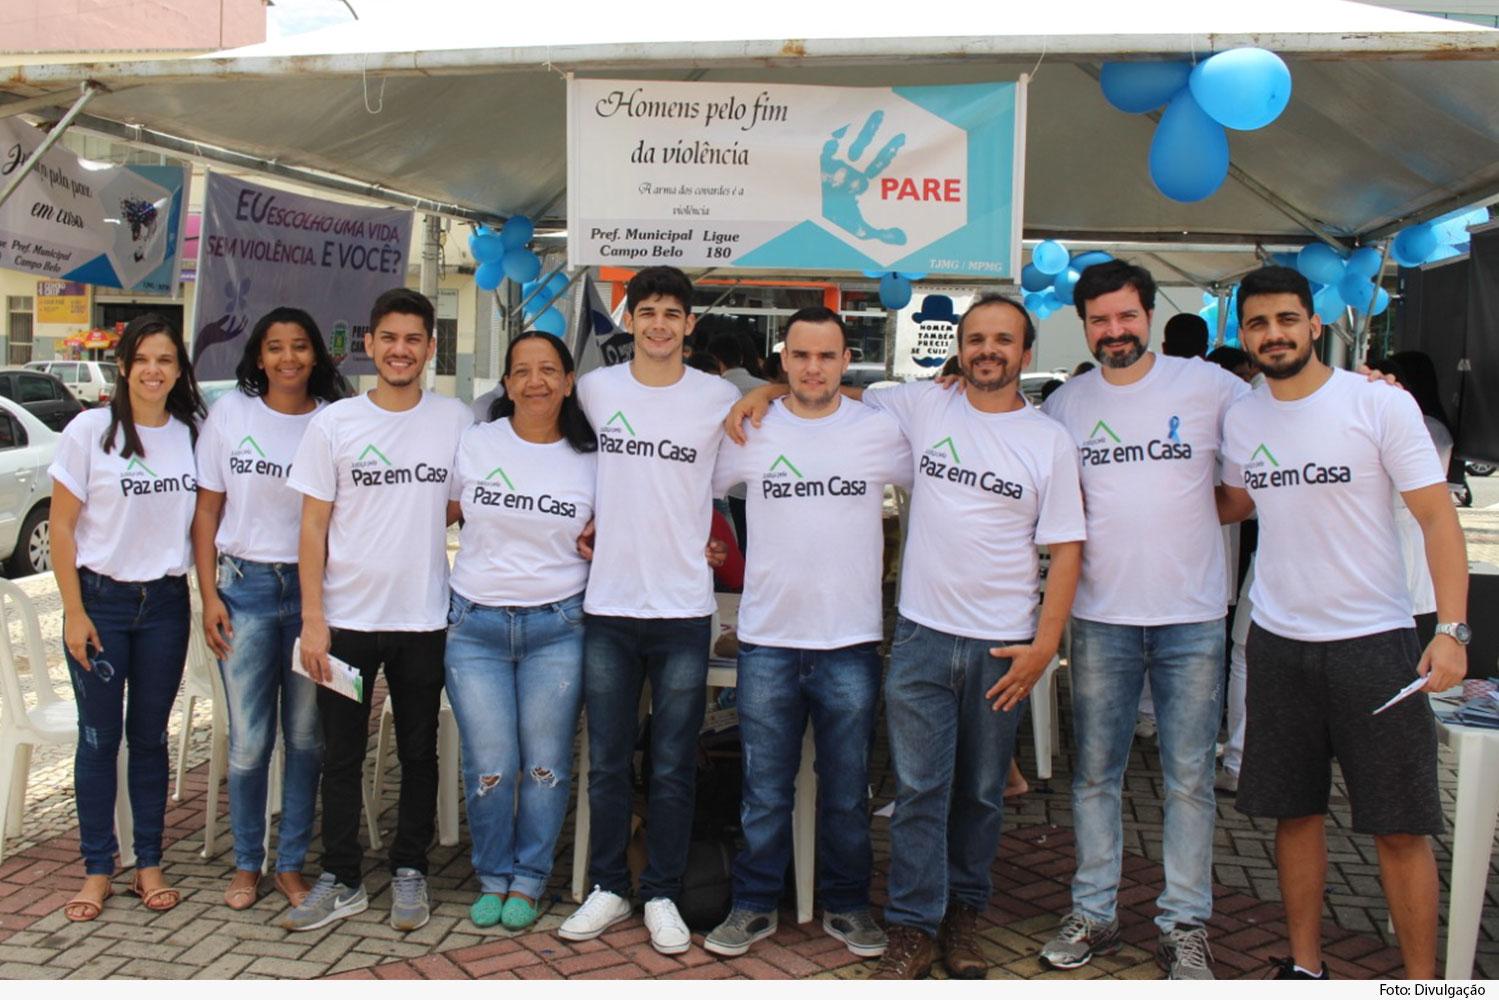 not3-justica-pela-paz-campo-belo-29.11.19.jpg